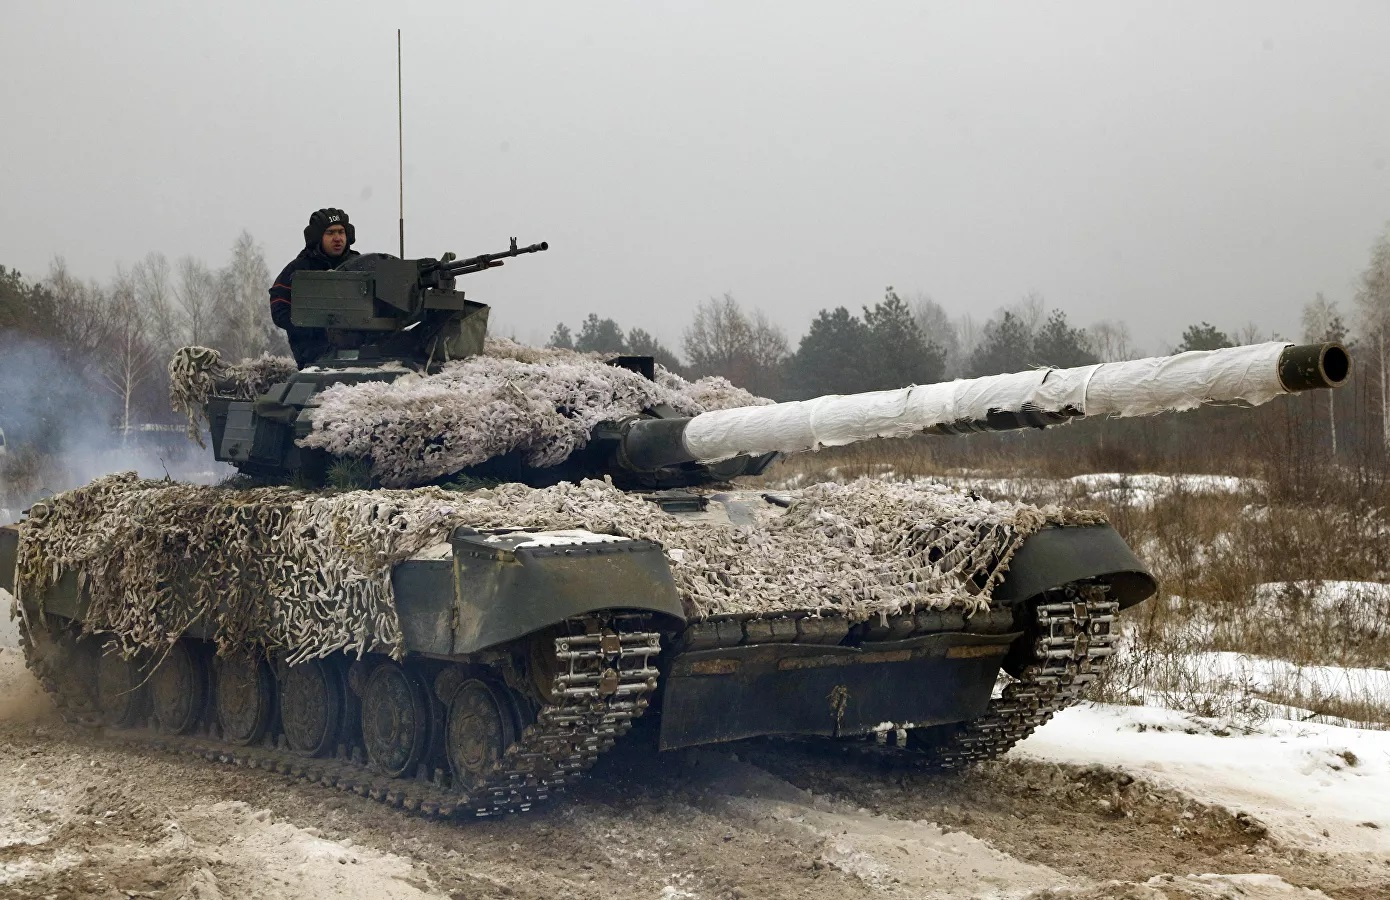 Tác chiến điện tử Nga gây nhiễu Lực lượng vũ trang Ukraine ở Donbass